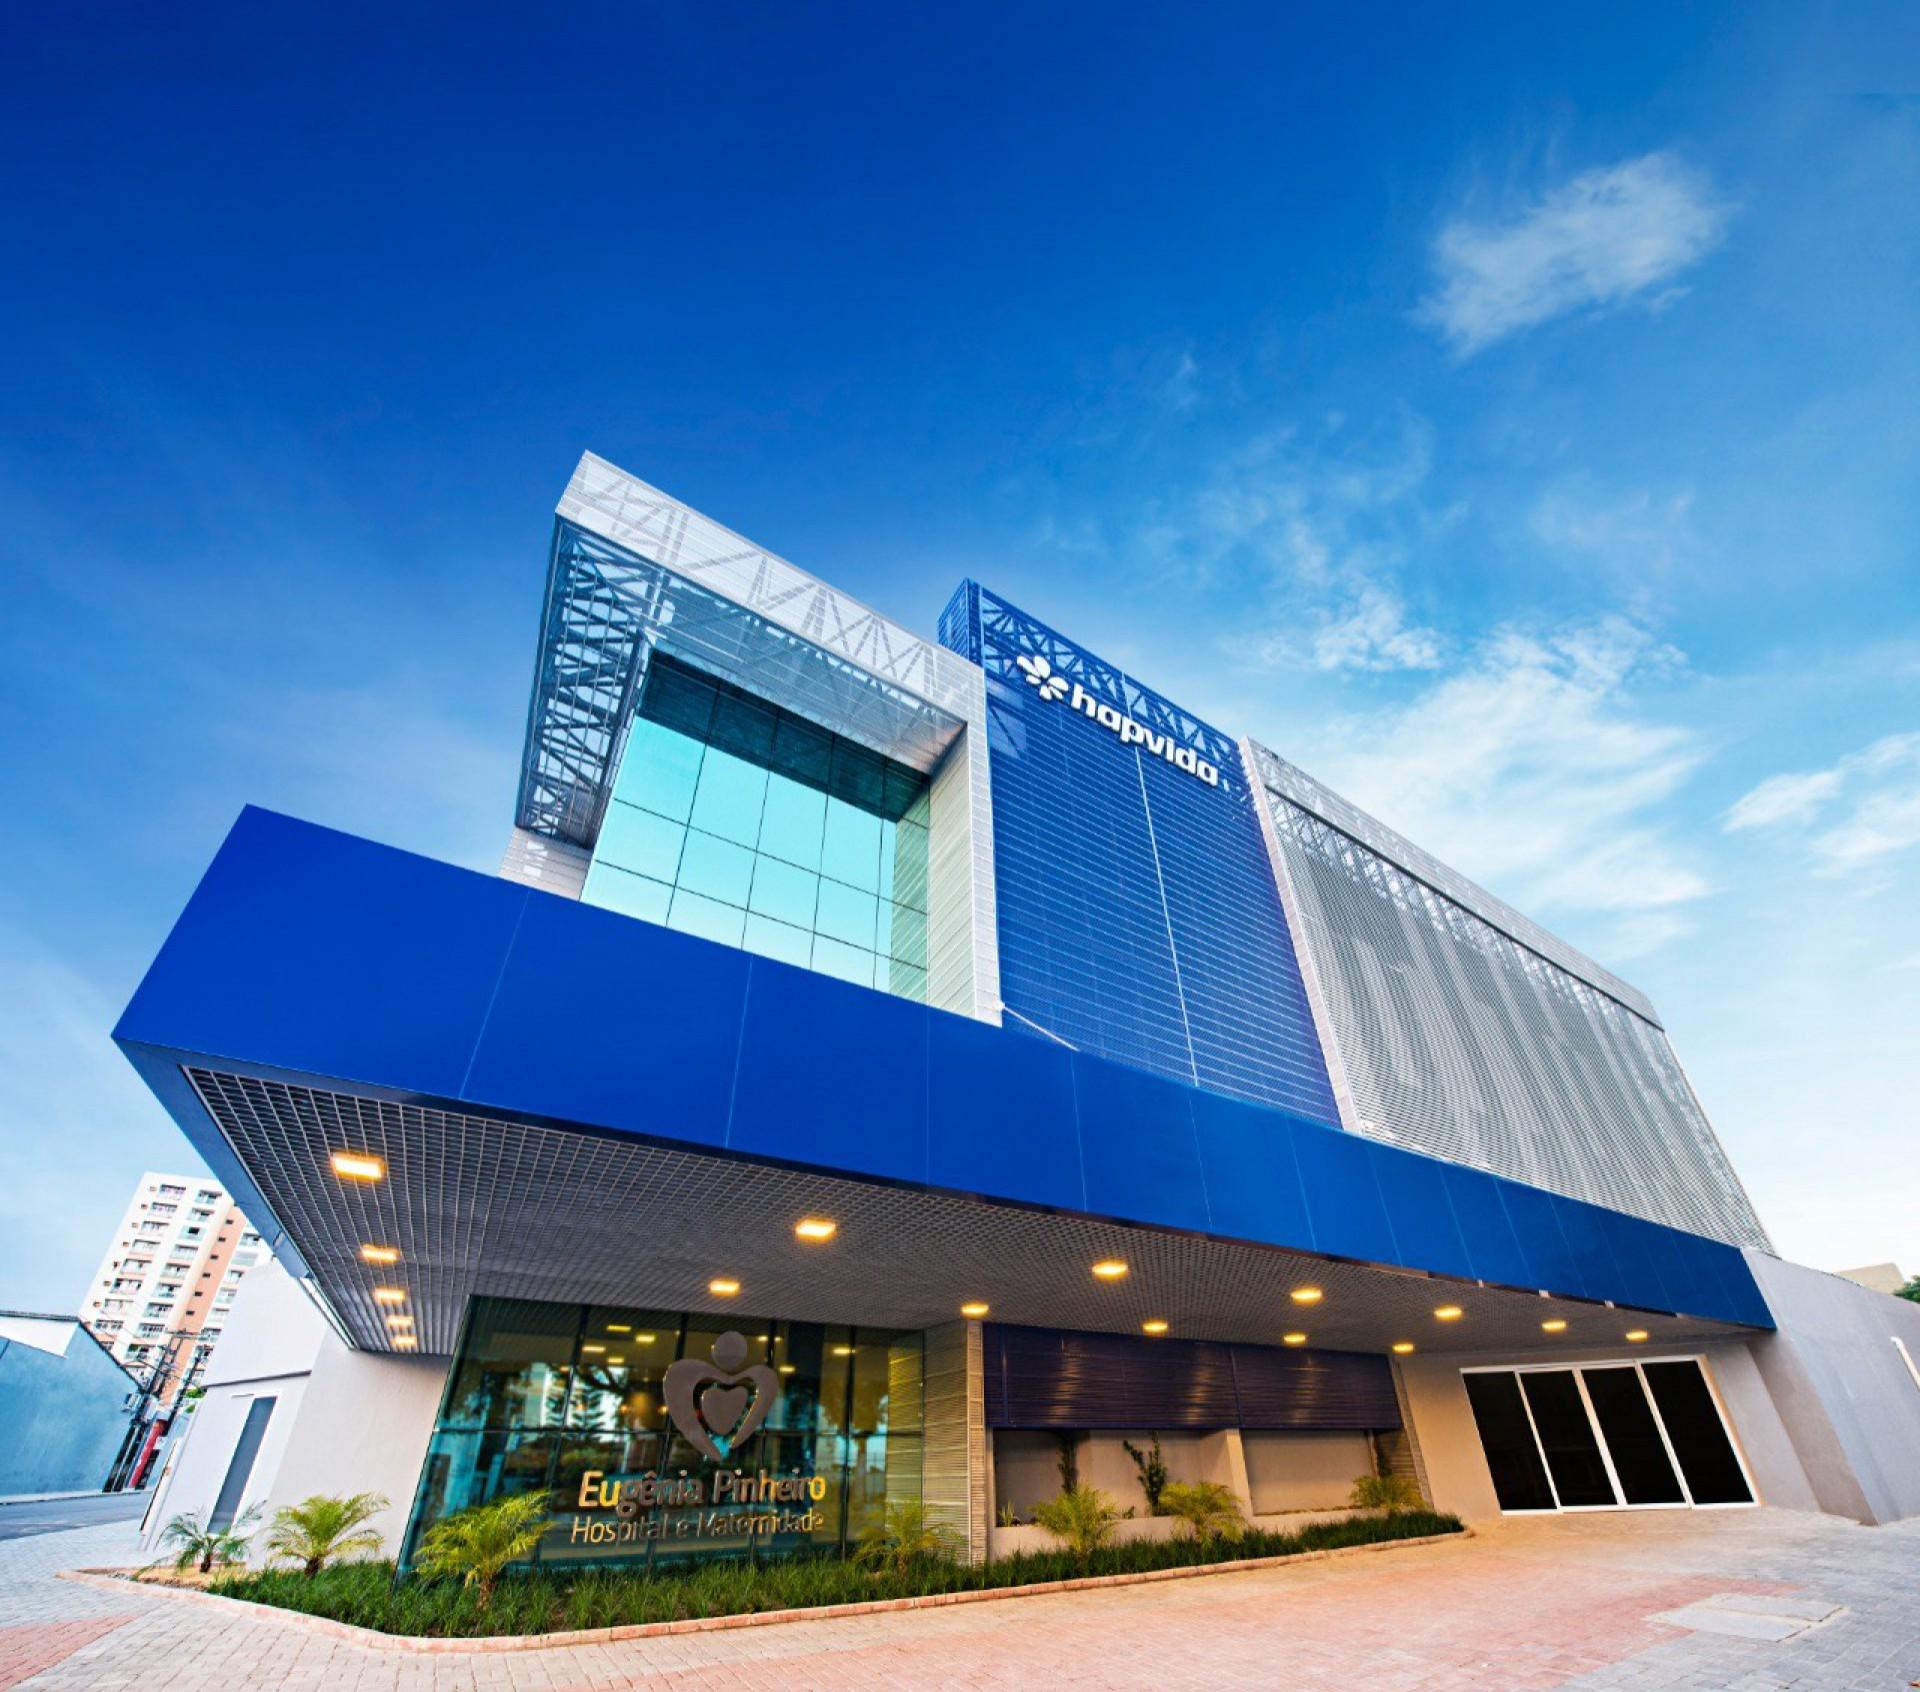 Empresa teve crescimento de 51,8% em sua receita operacional líquida no ano passado (Foto: Divulgação)